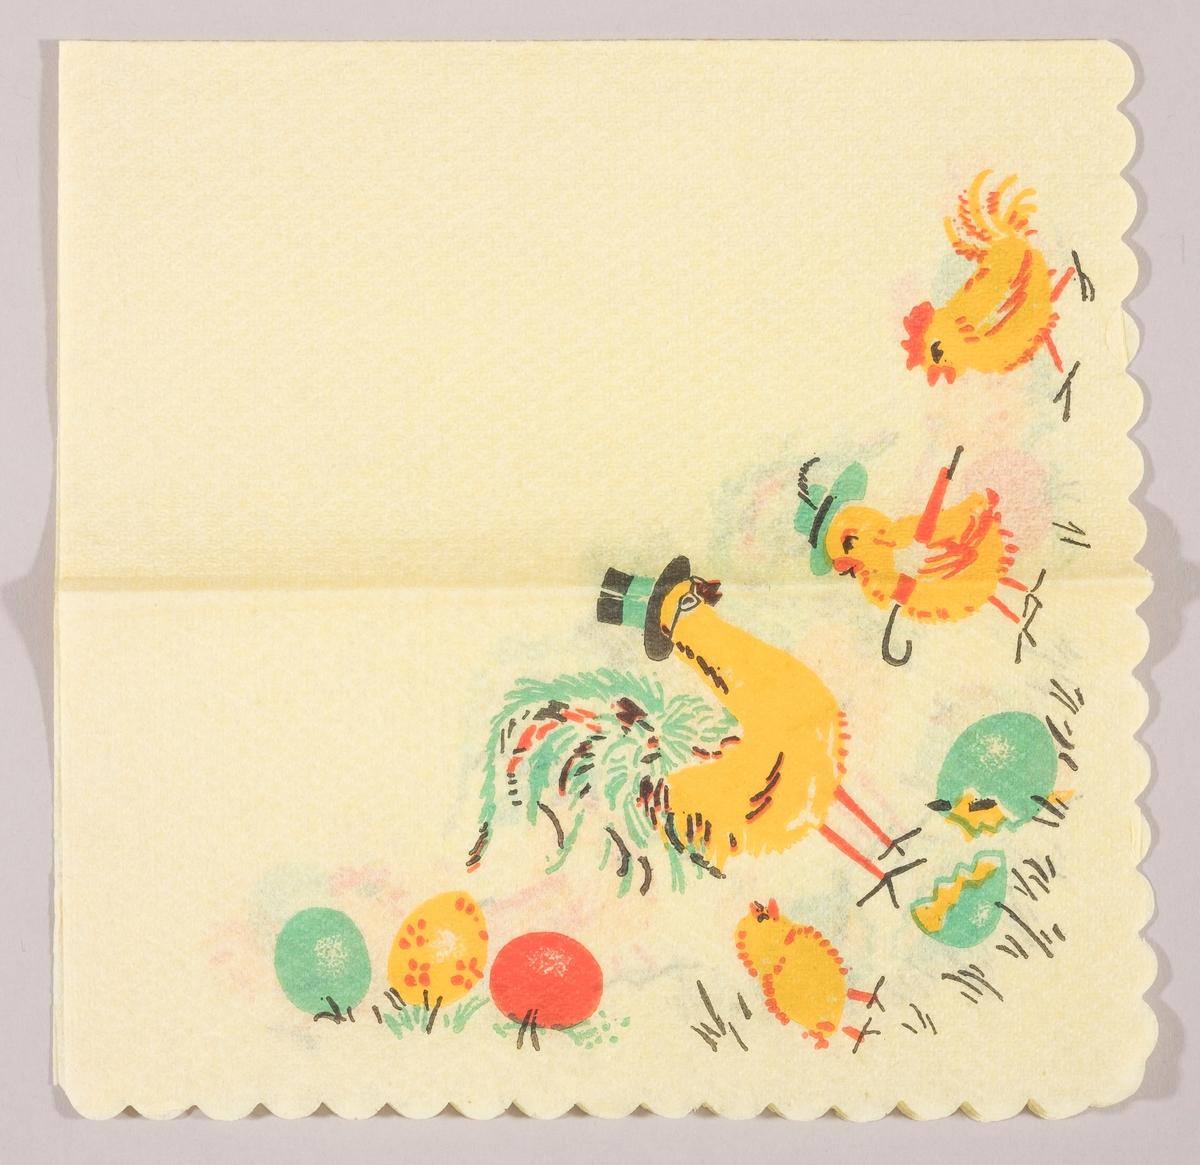 En hane med høy hatt omgitt av to høner og en kylling. Den ene hønen har damehatt og paraply. En gressplen med kulørte påskeegg og skallet av et påskeegg.